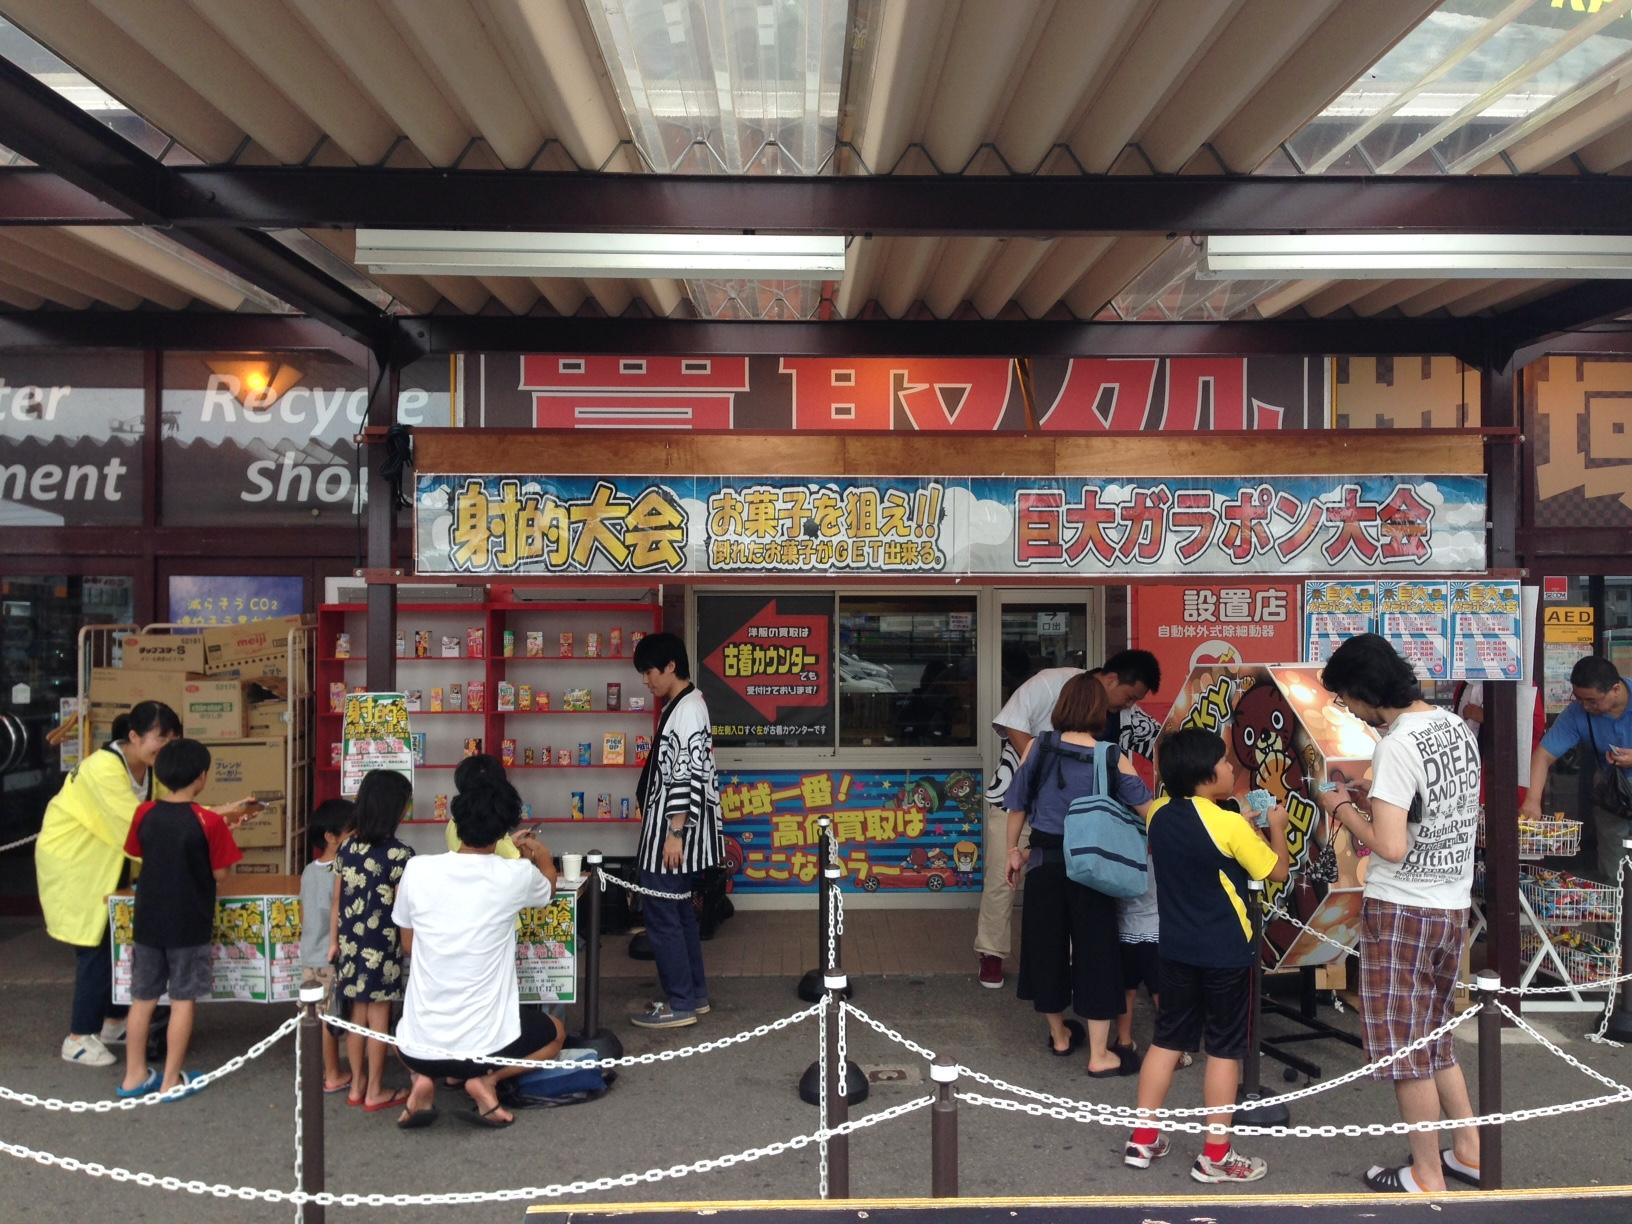 マンガ倉庫 富山店 お盆イベント